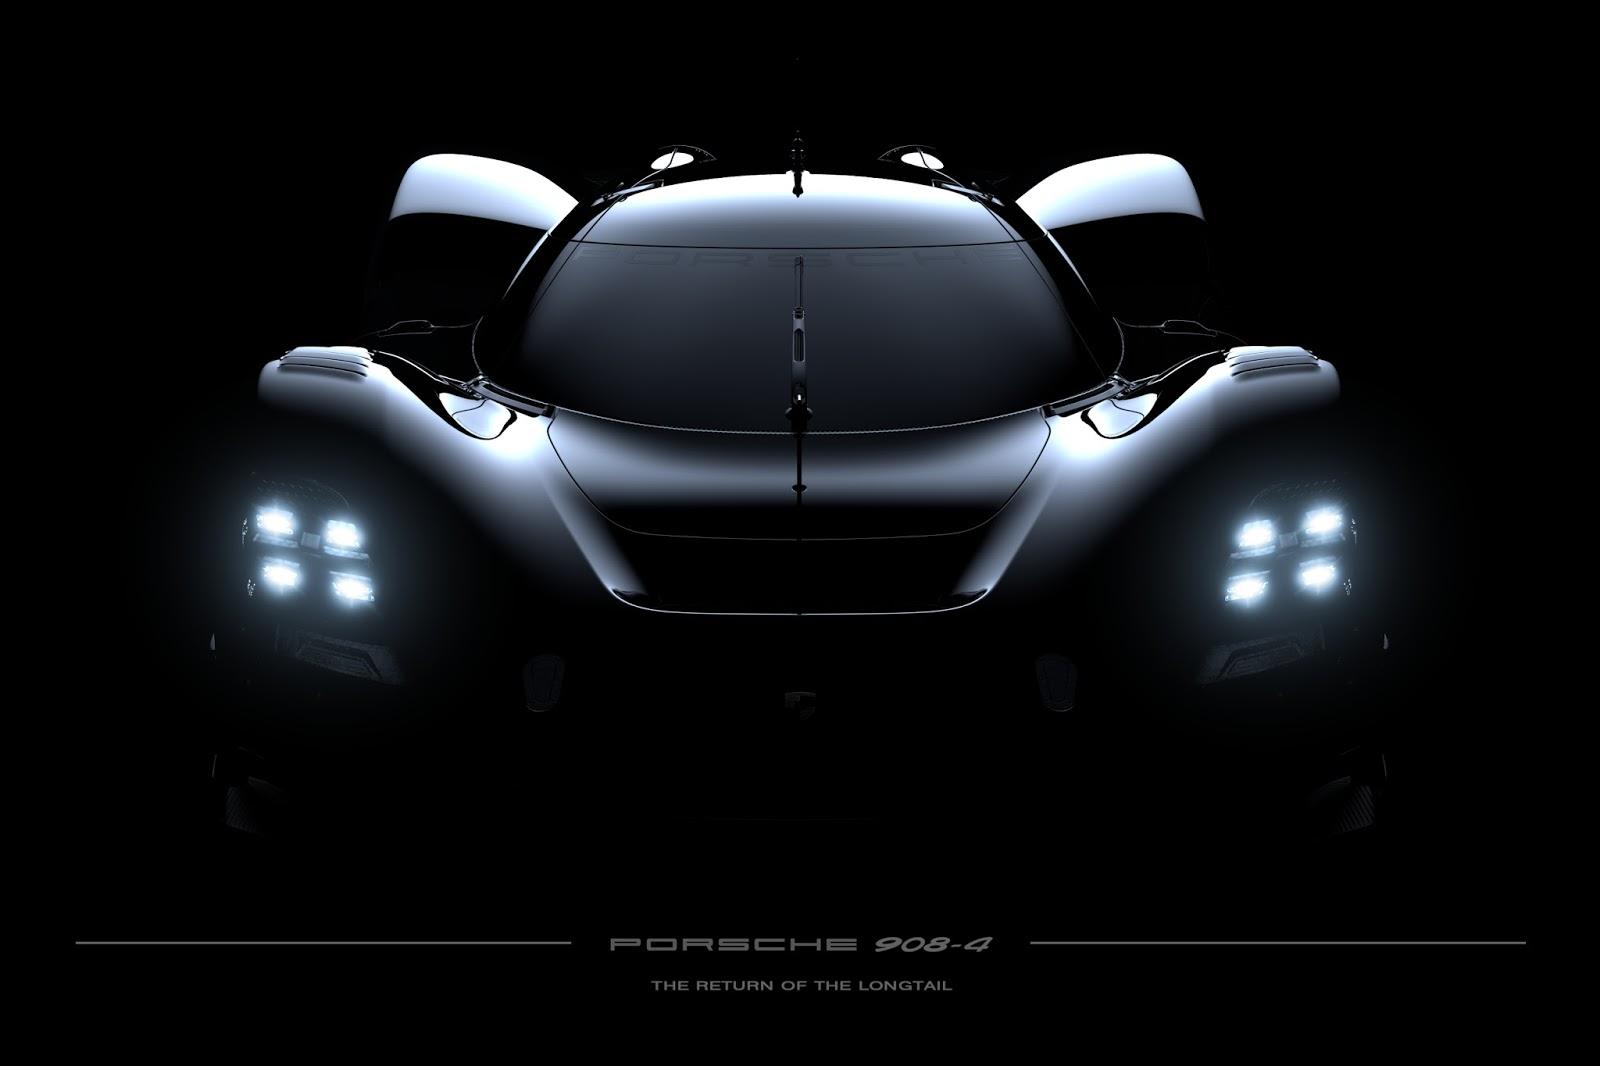 Porsche%2B908-4%2Bteaser.jpg